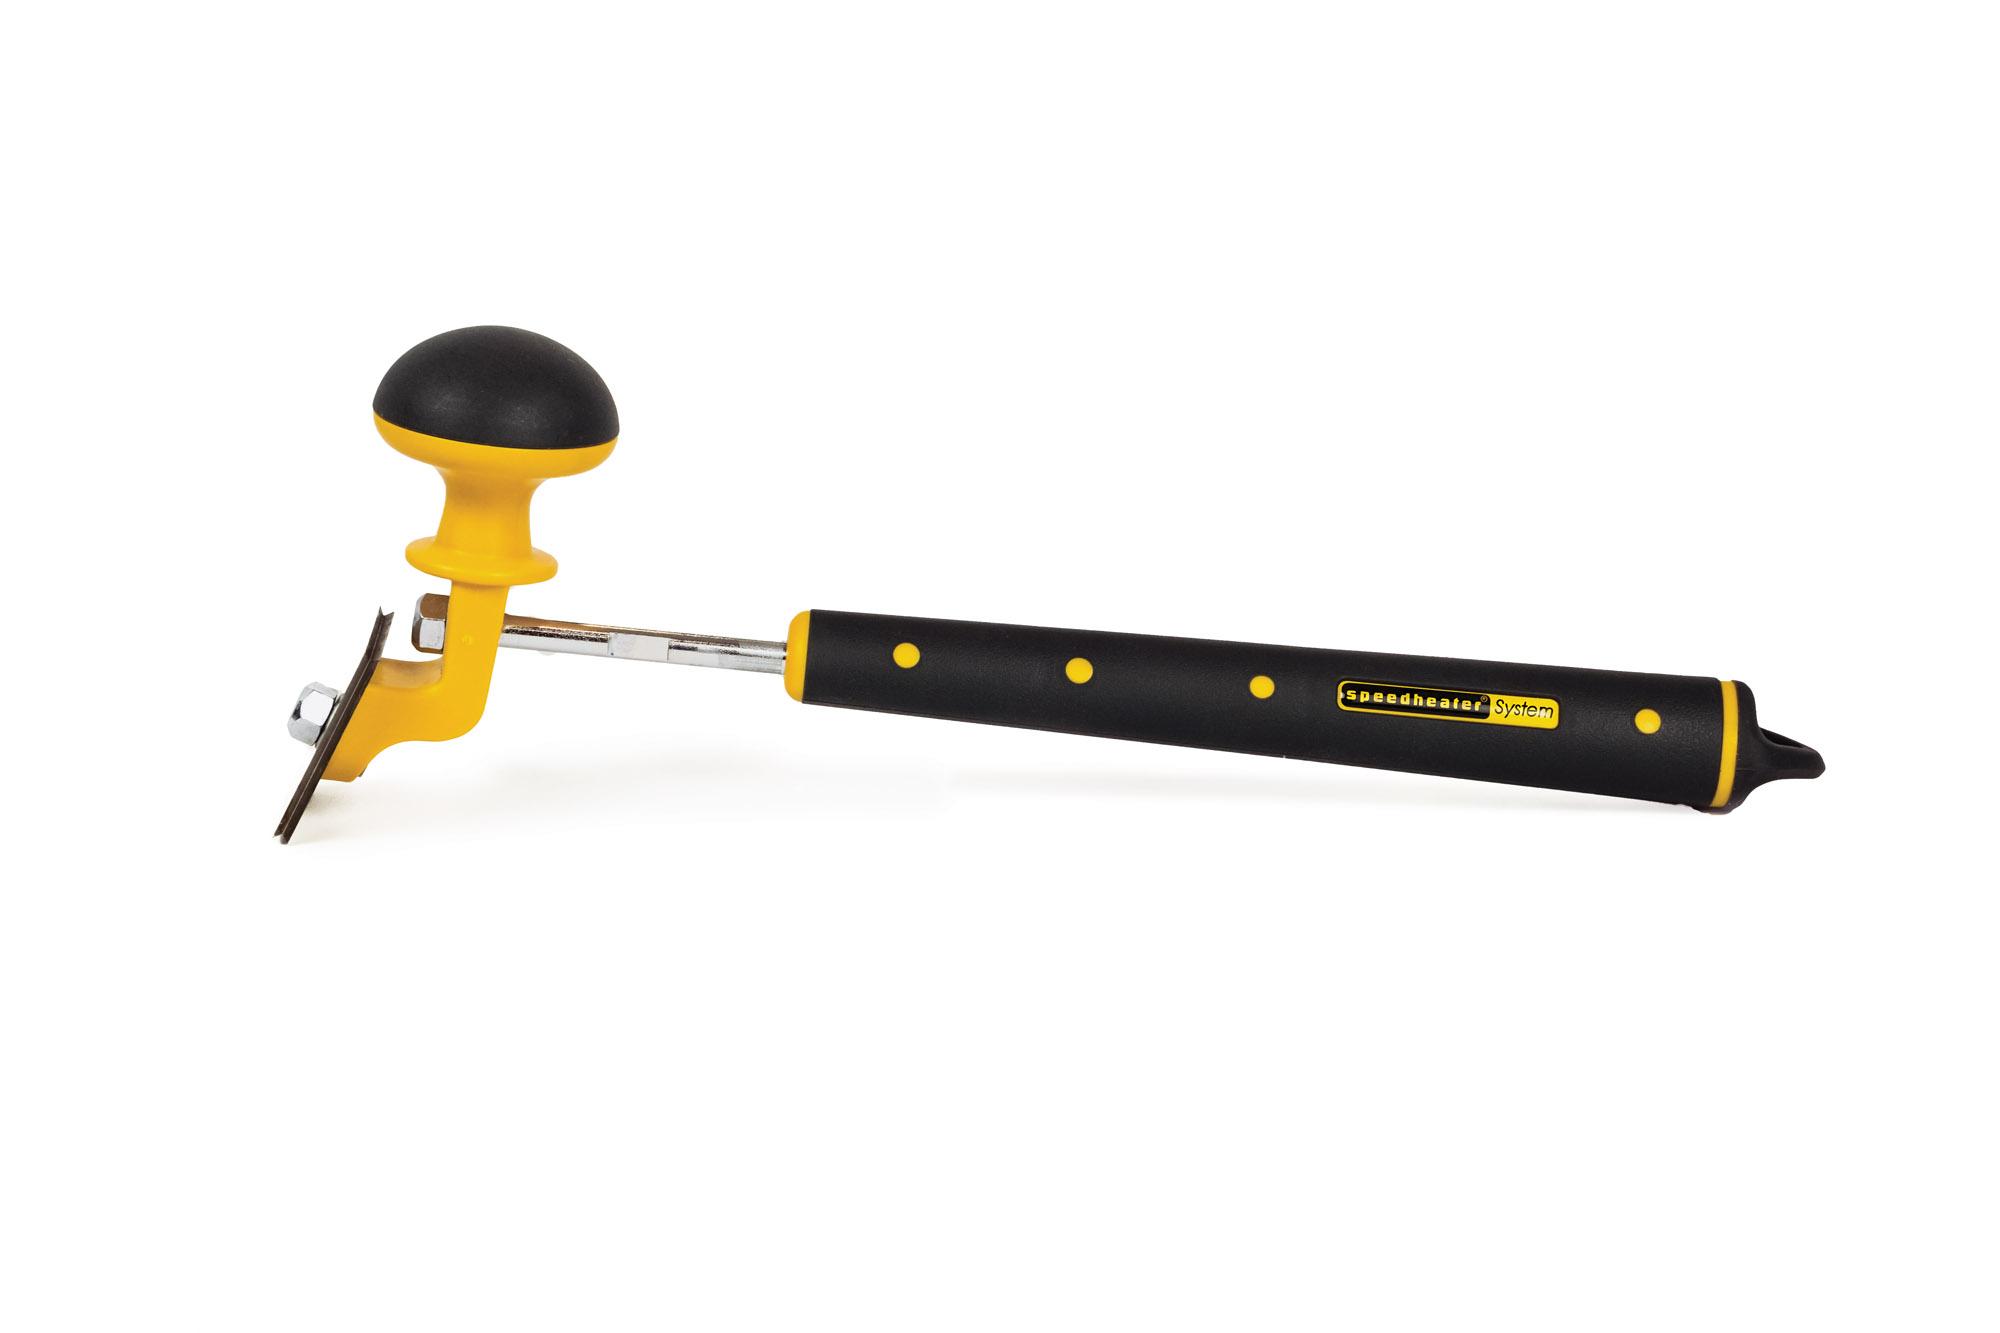 Eco-Strip's 8-Cut Scraper